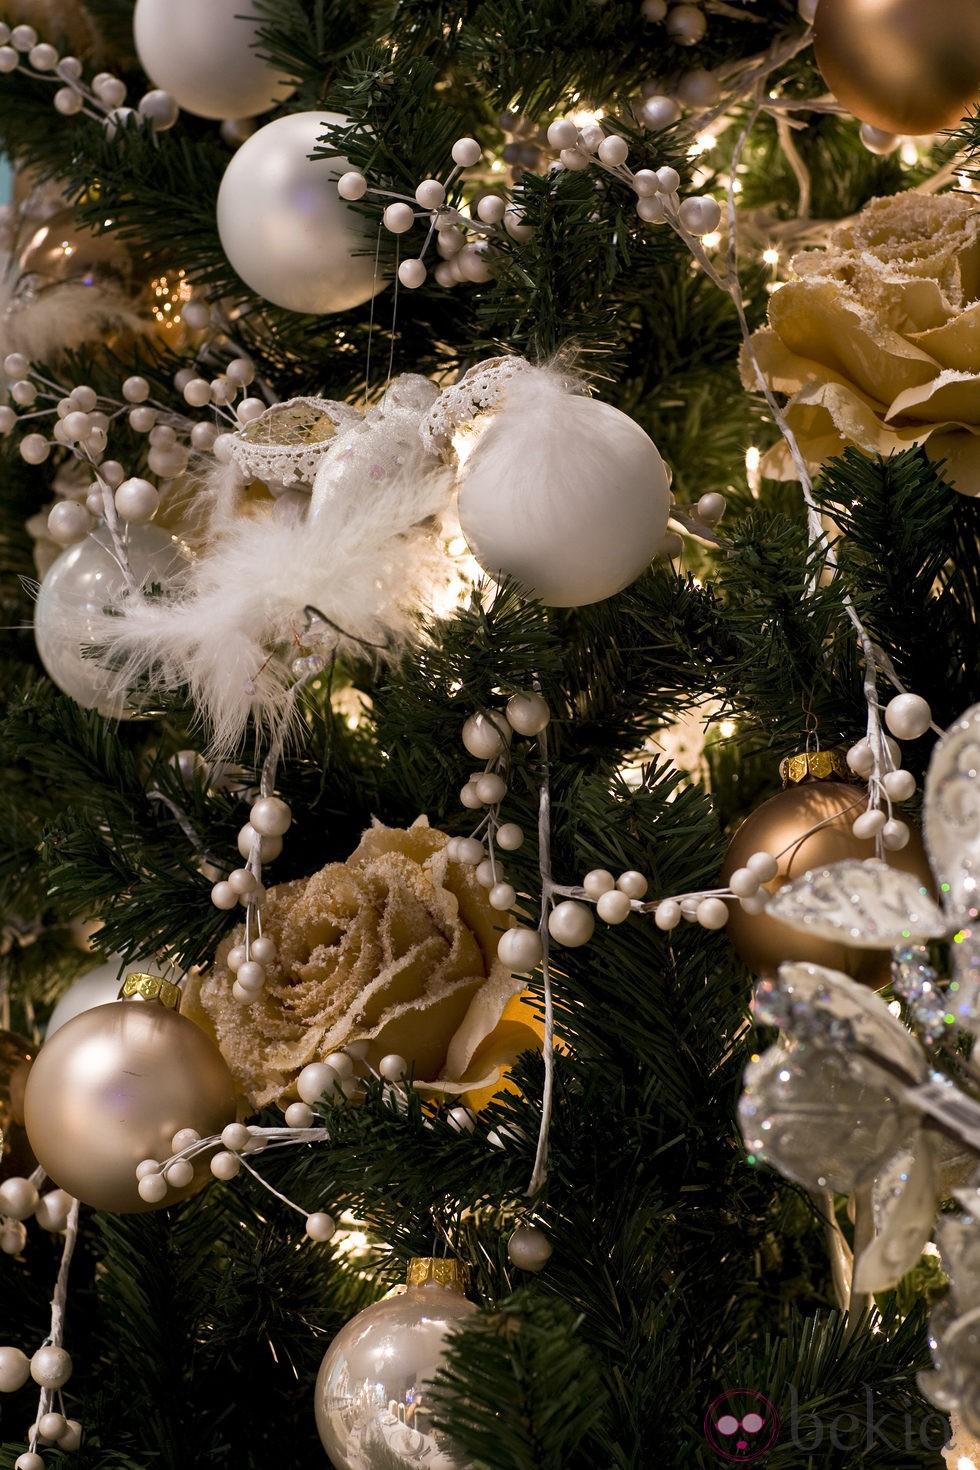 anterior rbol de navidad plata y dorado otra combinacin acertada